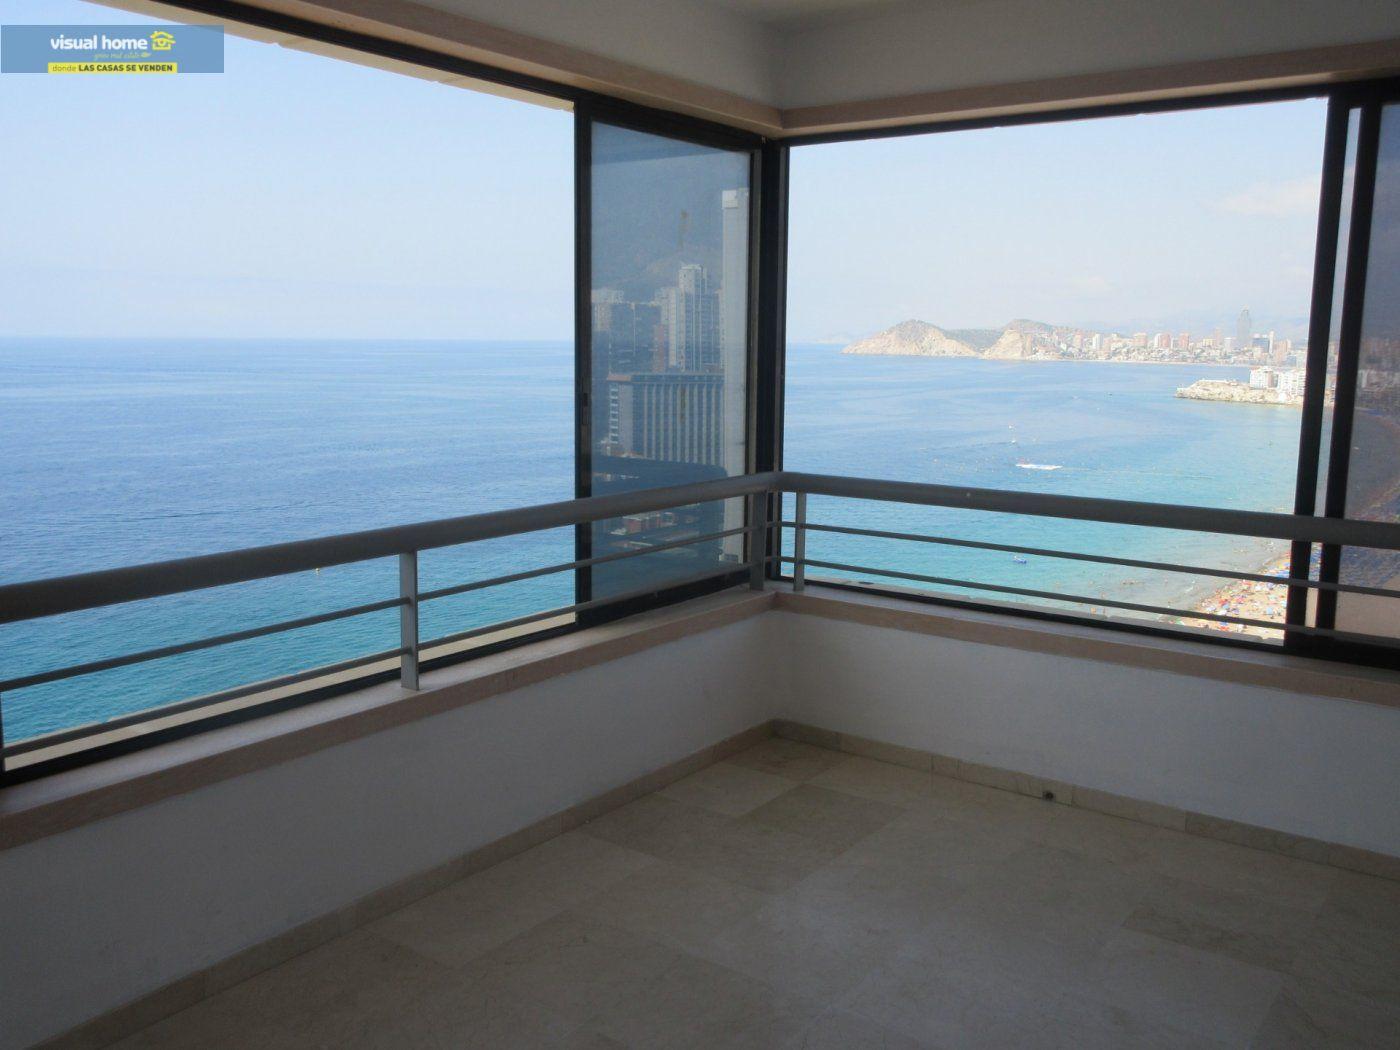 Apartamento de 1 dormitorio con espectaculares vistas  en 1ª linea de playa con parking y piscina 6